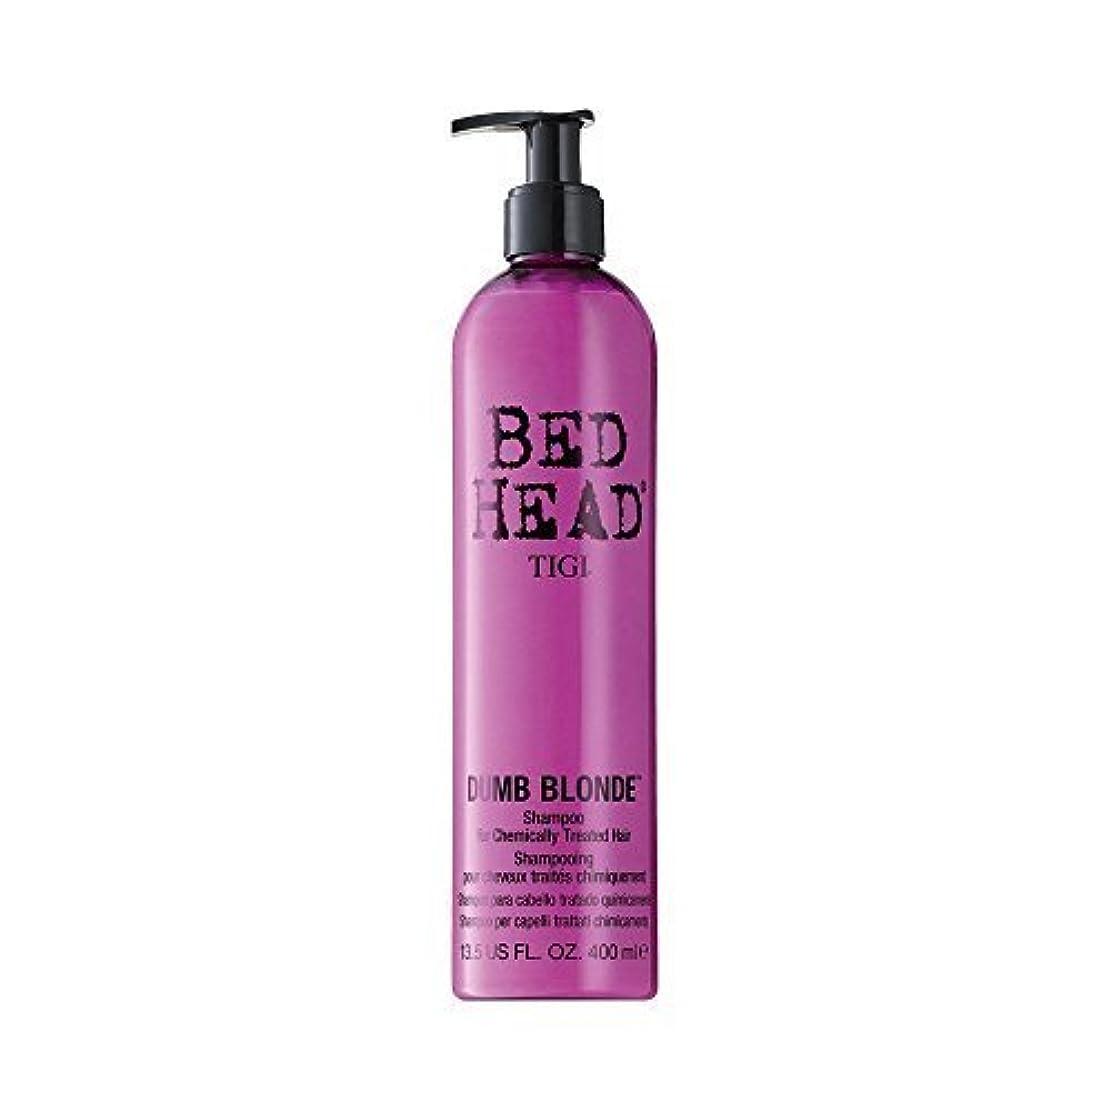 パノラマ制限交じるTigi Bed Head Dumb Blonde Shampoo (For Chemically Treated Hair) 400ml/13.5oz by Tigi [並行輸入品]